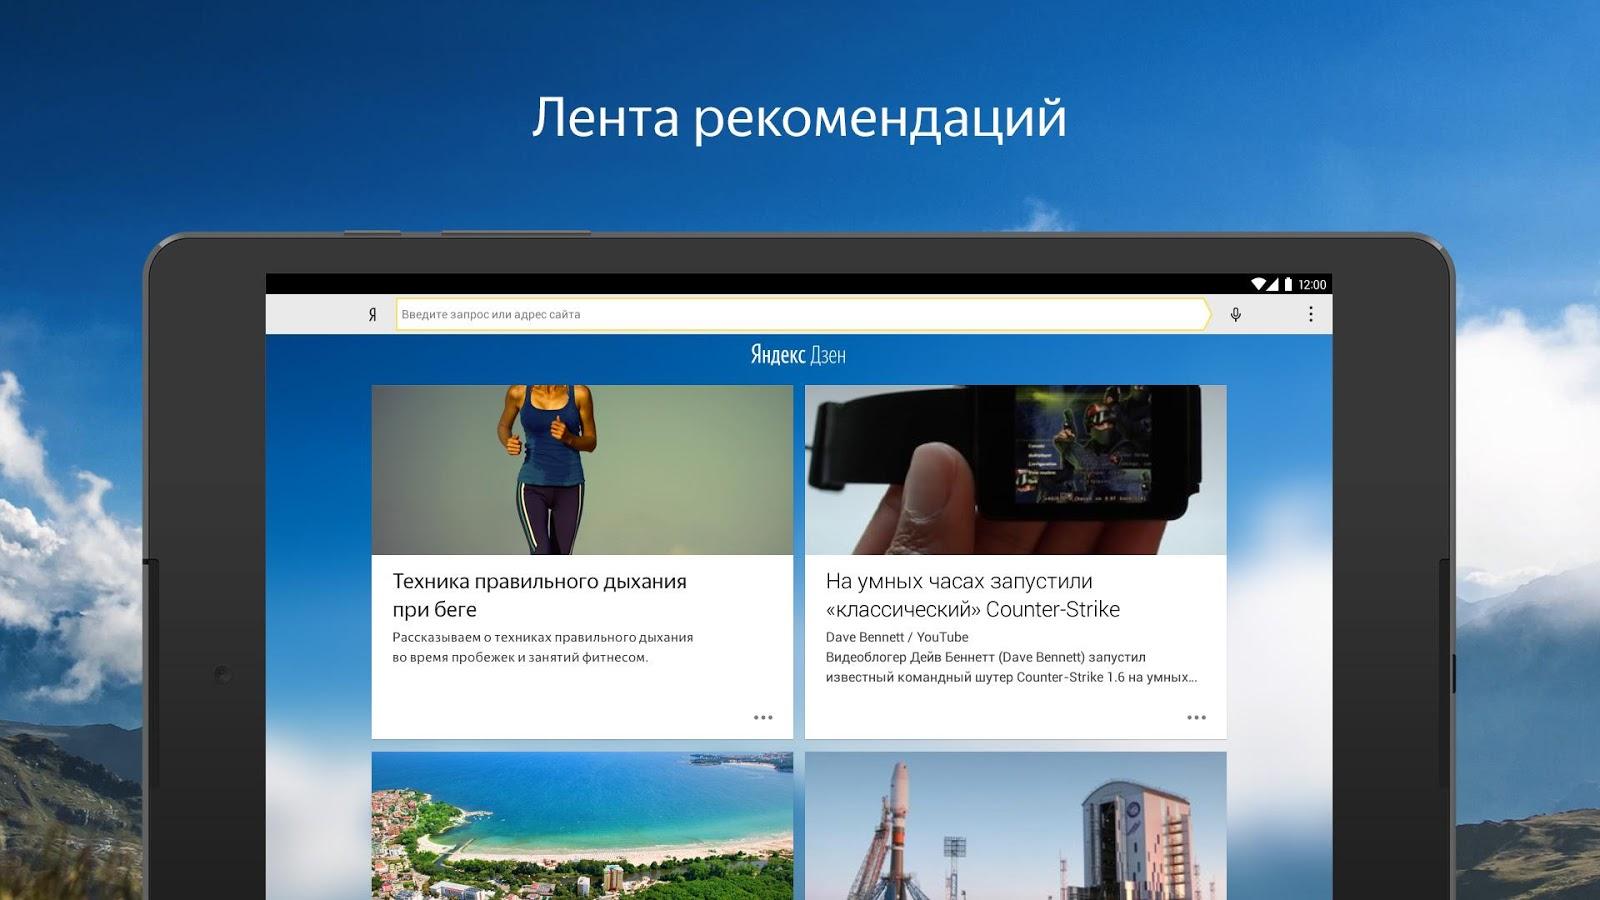 Яндекс. Браузер скачать бесплатно на андроид. Обзор программы.